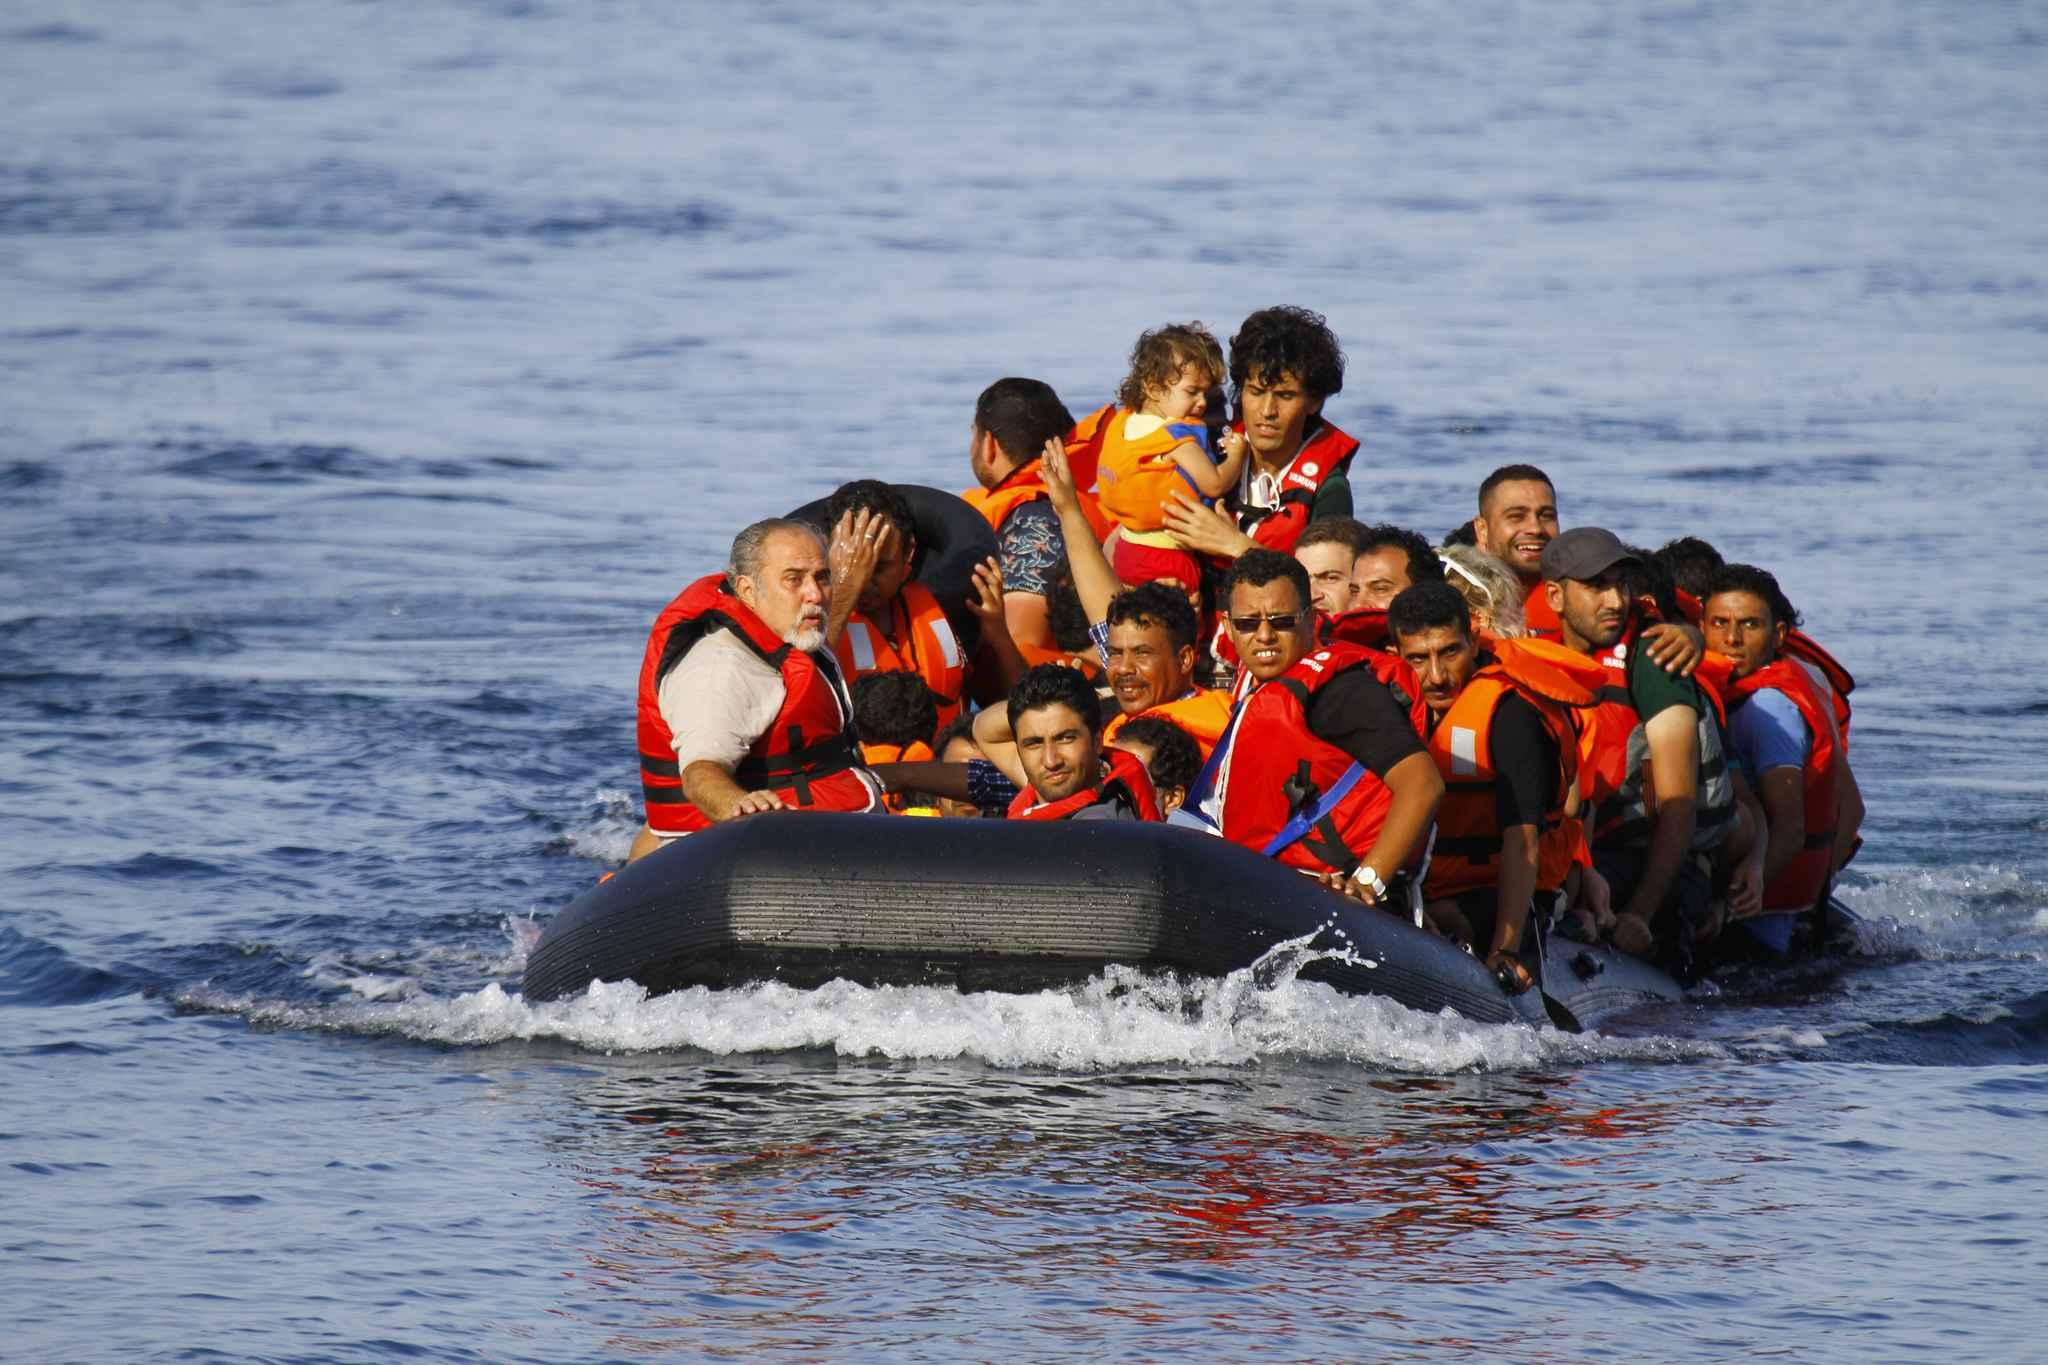 2048x1536-fit_migrants-bord-canot-pneumatique-provenance-turquie-approchent-cotes-ile-grecque-lesbos-9-septembre-2015